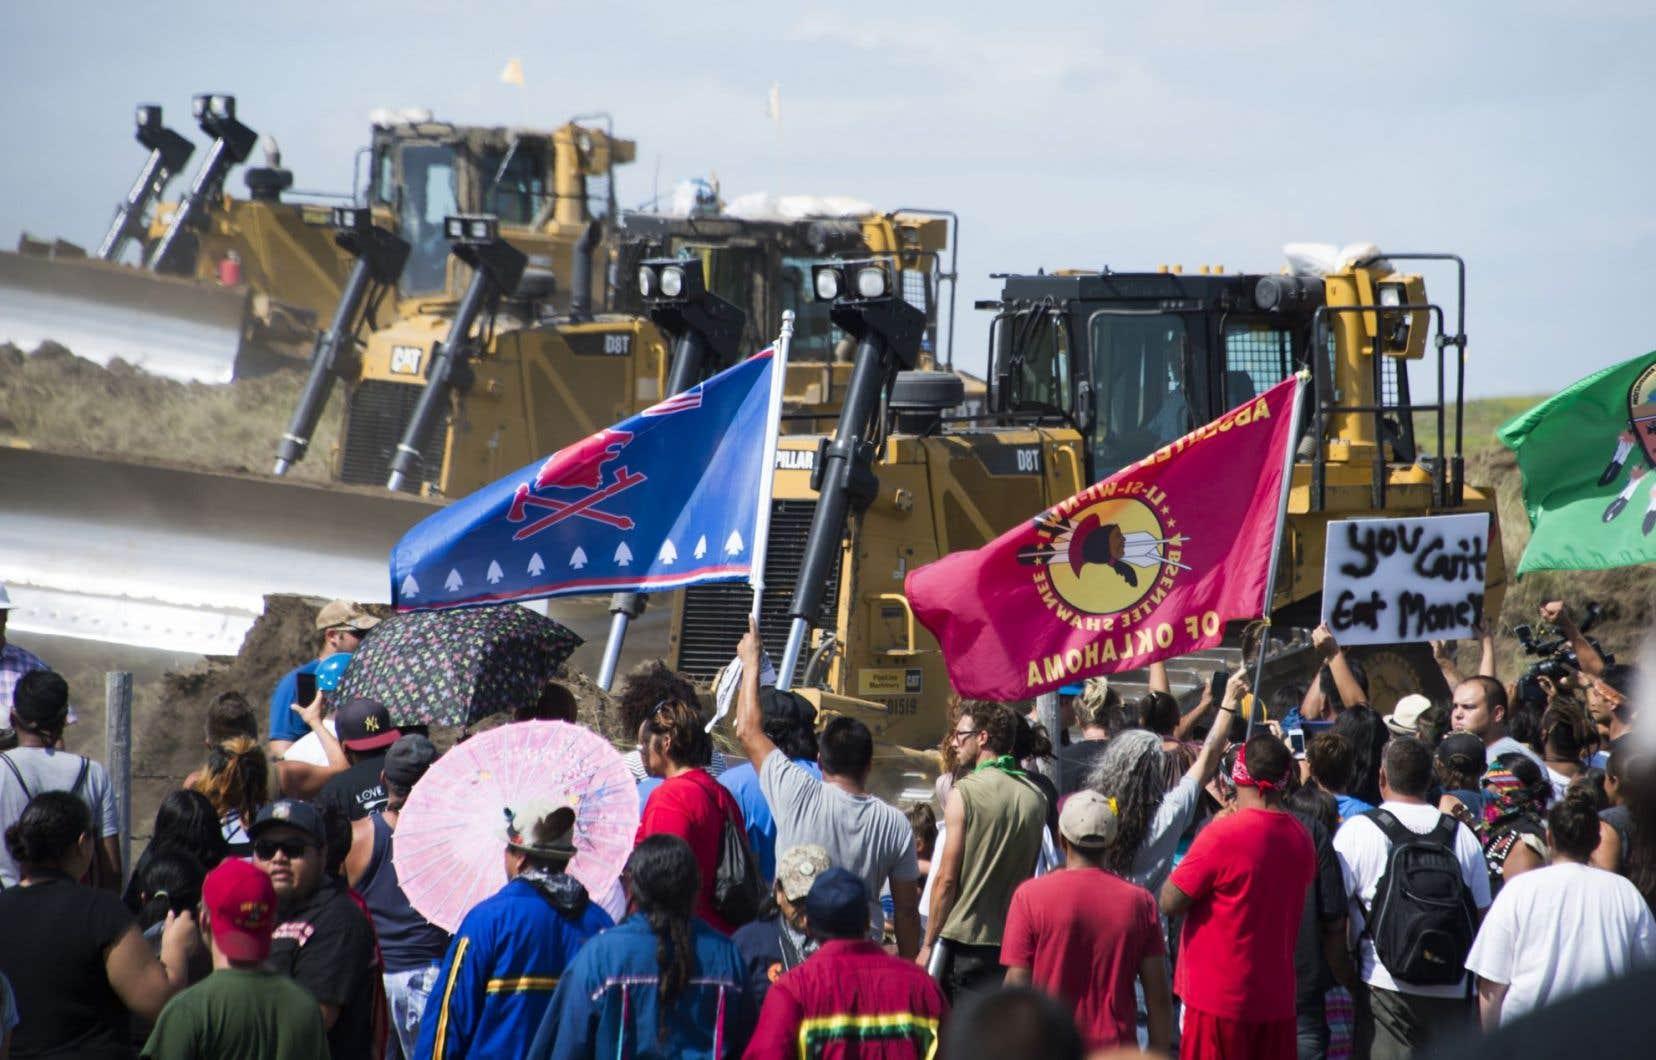 Cette photo datant du 3 septembre dernier montre des Sioux et leurs partisans devant des pelles mécaniques sur un site de construction d'un controversé pipeline au Dakota du Nord.